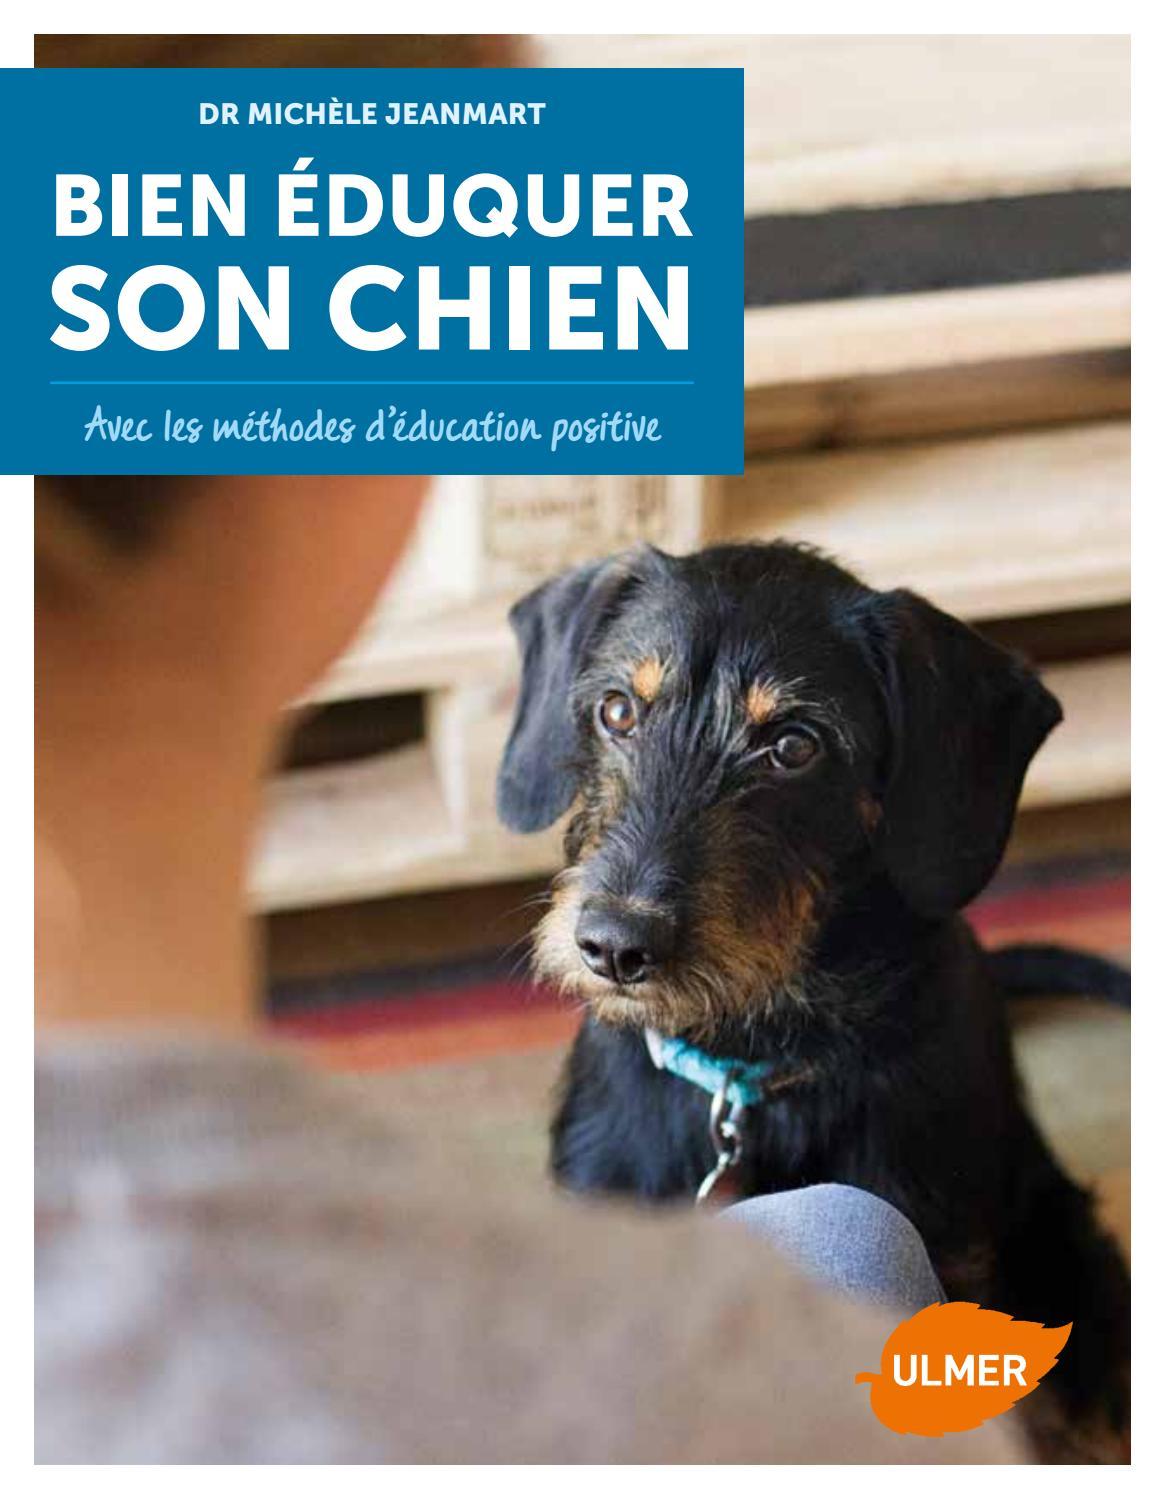 Extrait Bien éduquer son chien - Éditions Ulmer by